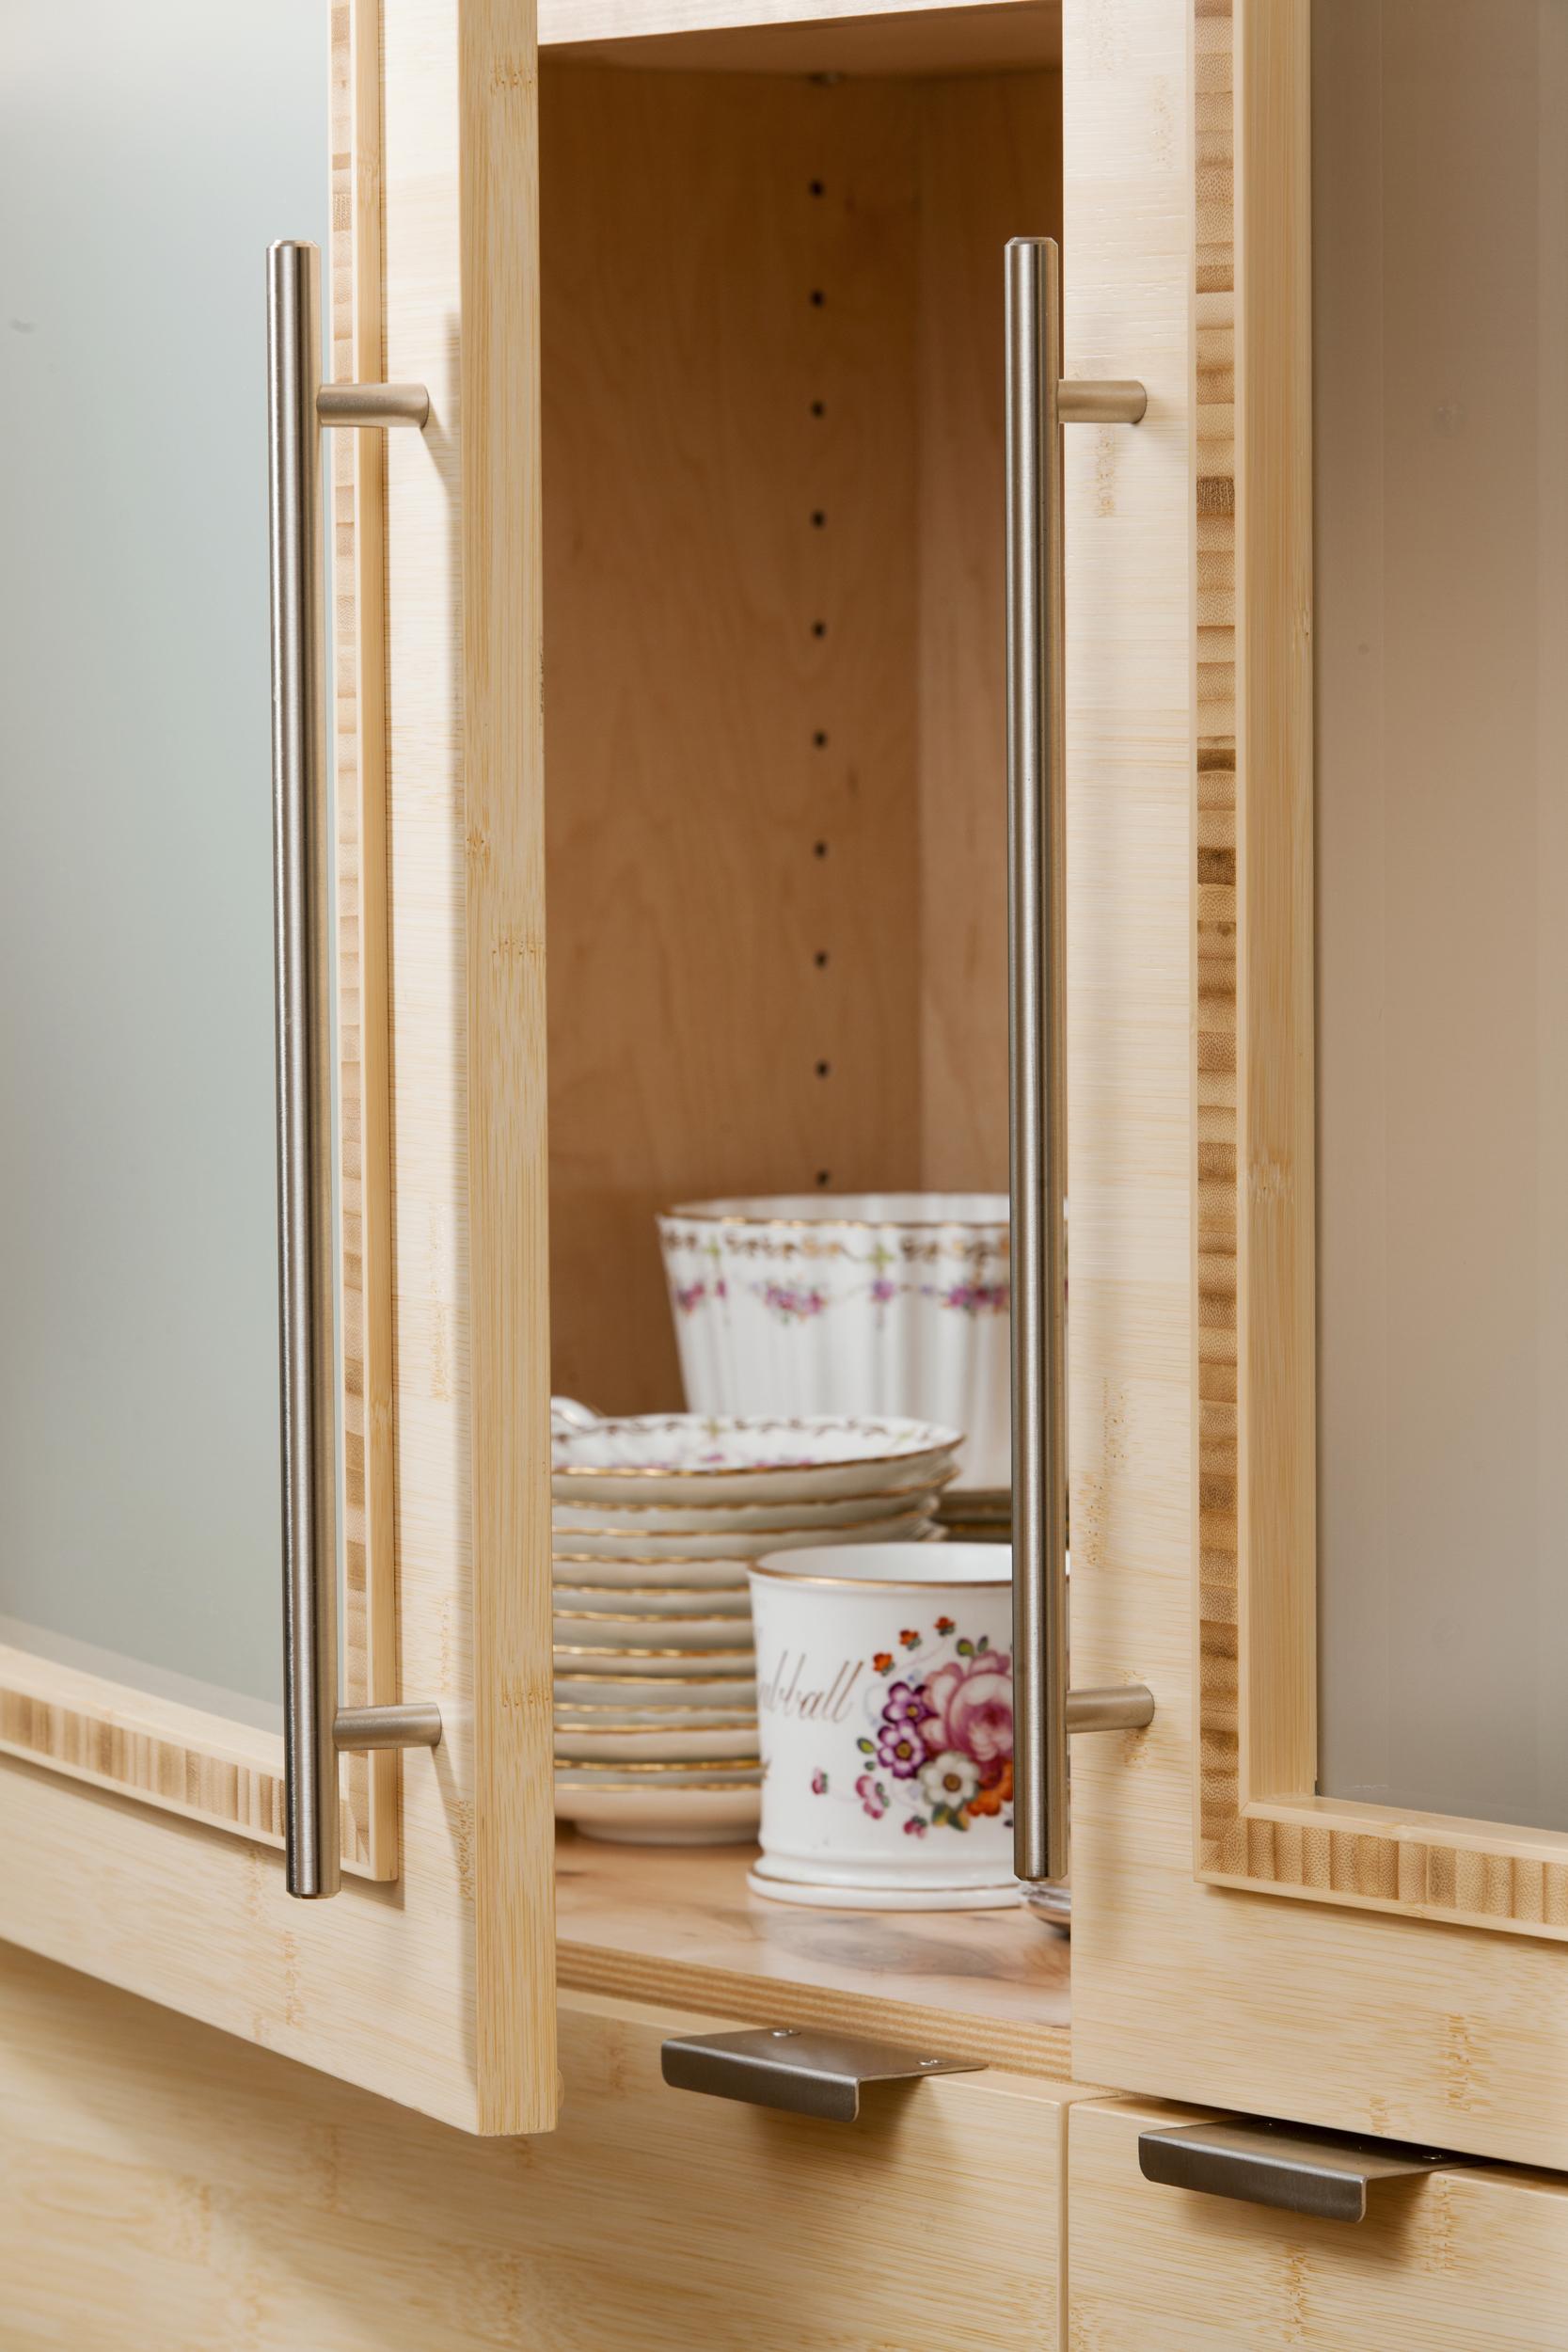 3b_bamboo_kitchen.jpg